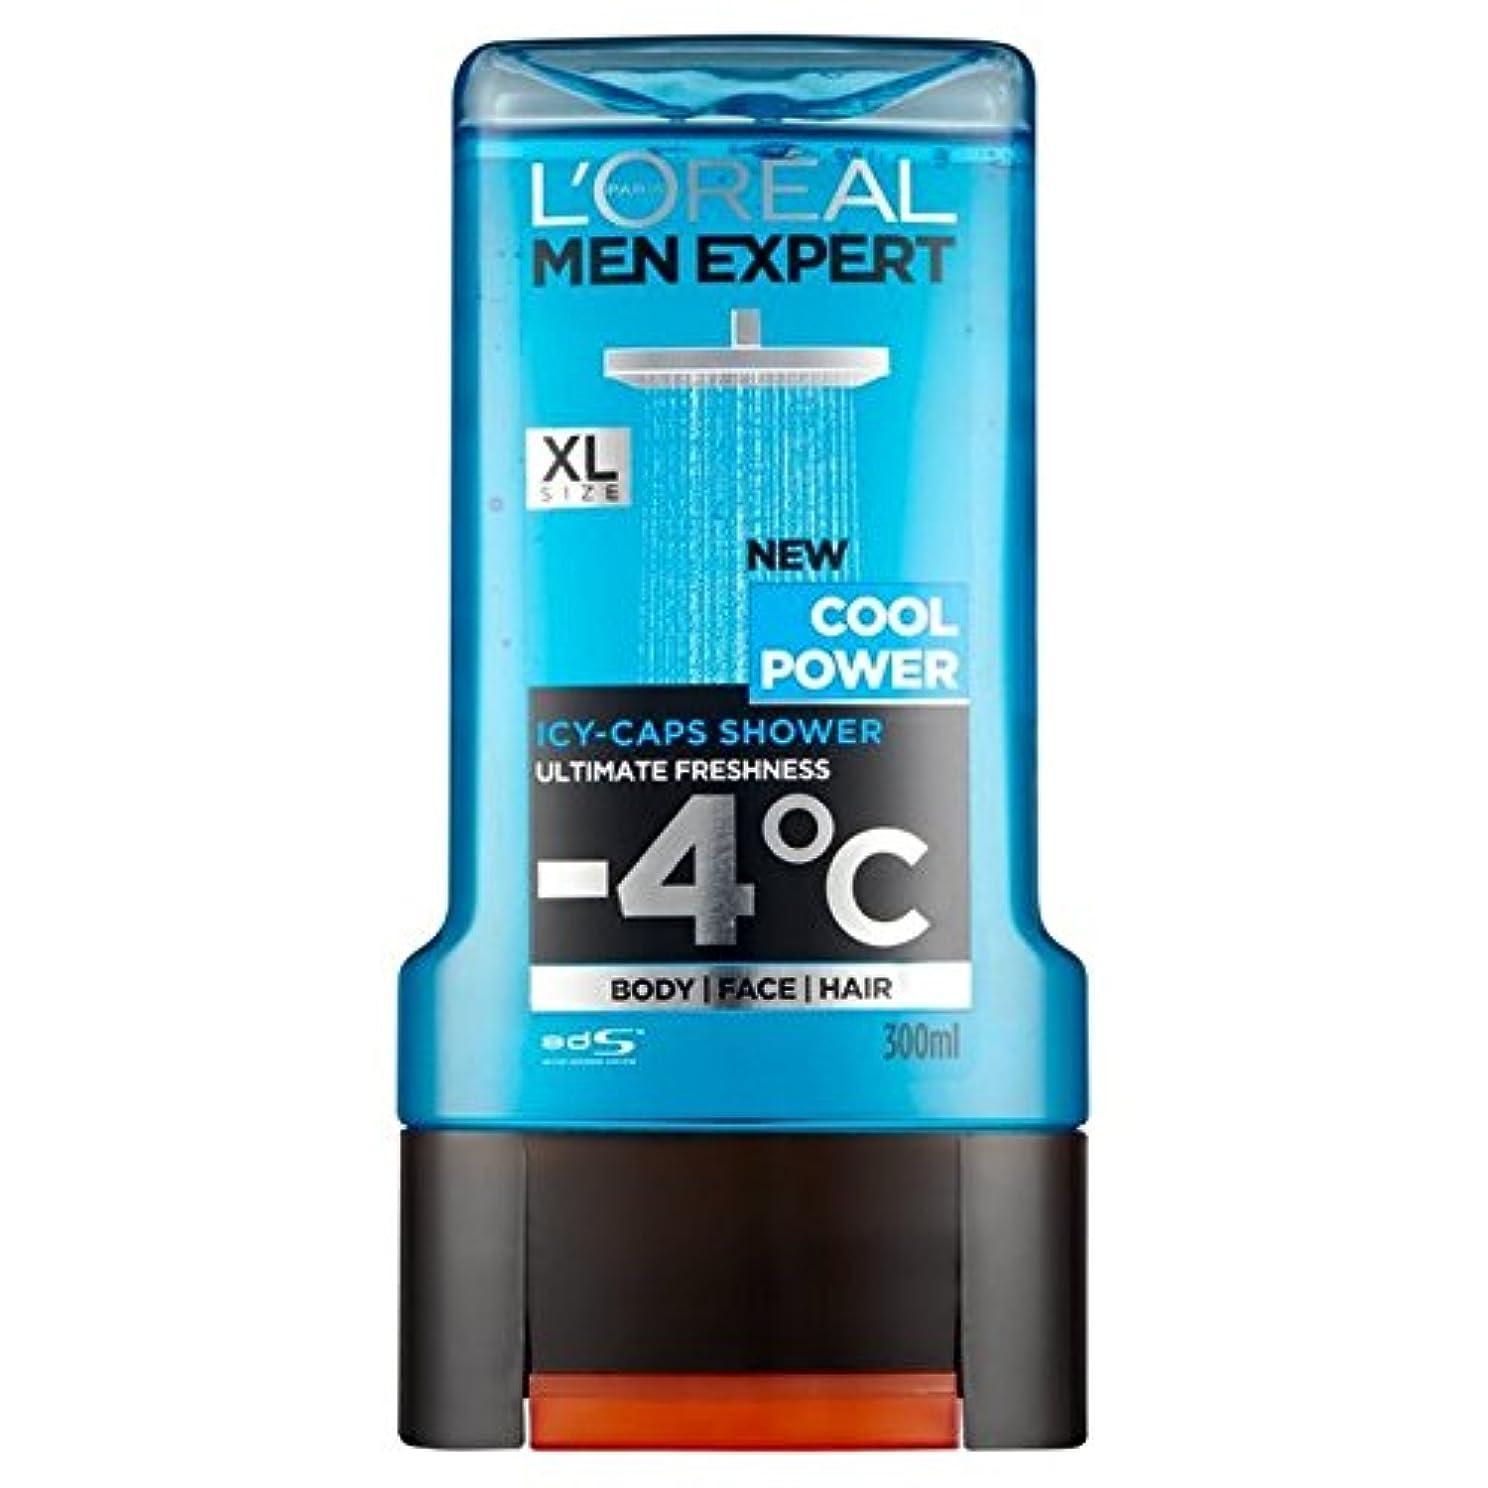 コマース不合格標高L'Oreal Paris Men Expert Cool Power Shower Gel 300ml (Pack of 6) - ロレアルパリの男性の専門家のクールなパワーシャワージェル300ミリリットル x6 [並行輸入品]